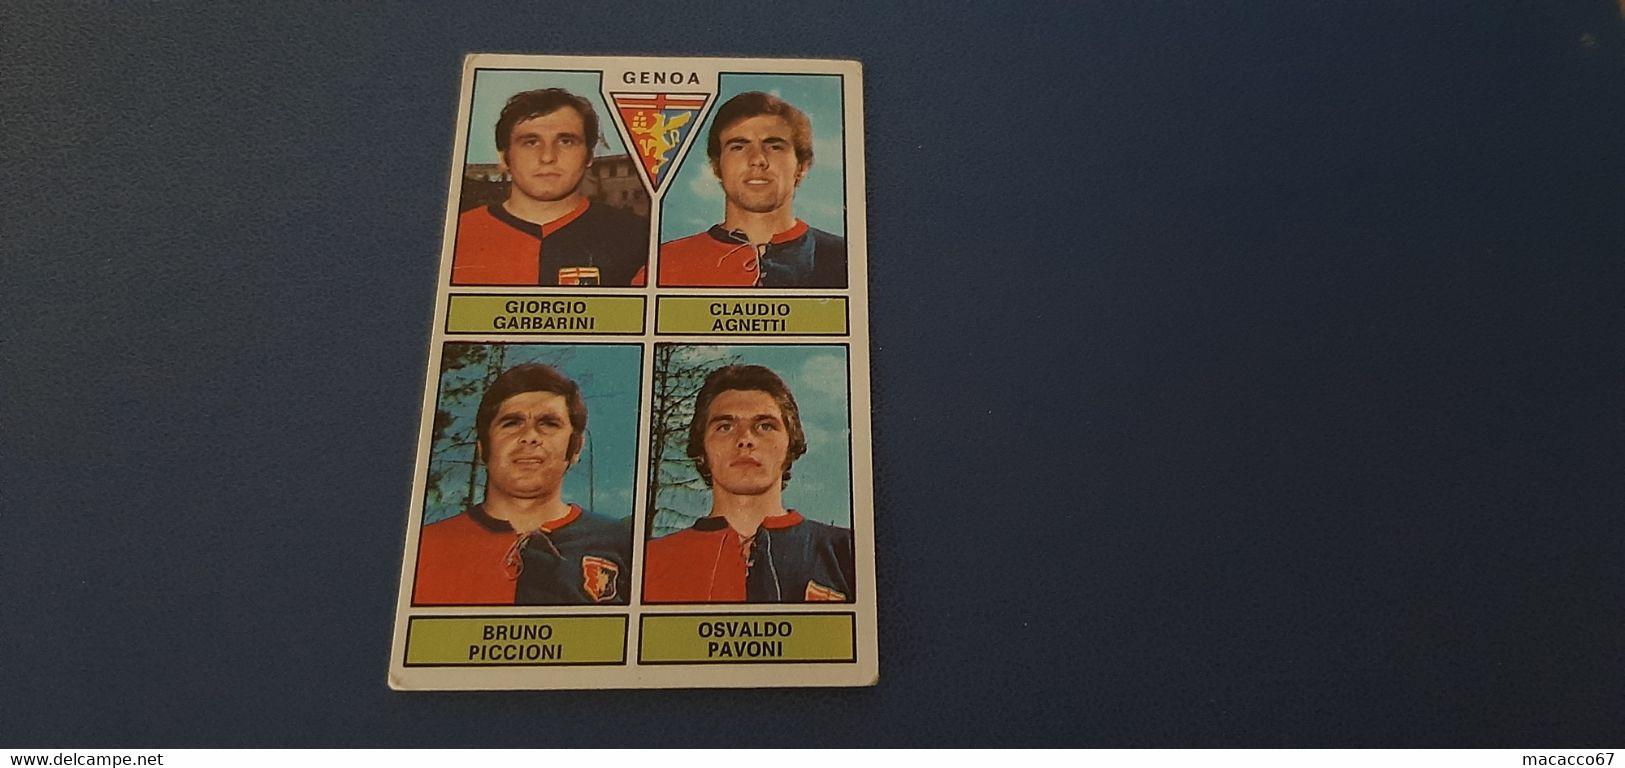 Figurina Calciatori Panini 1971/72 - Garbarini Genoa - Panini